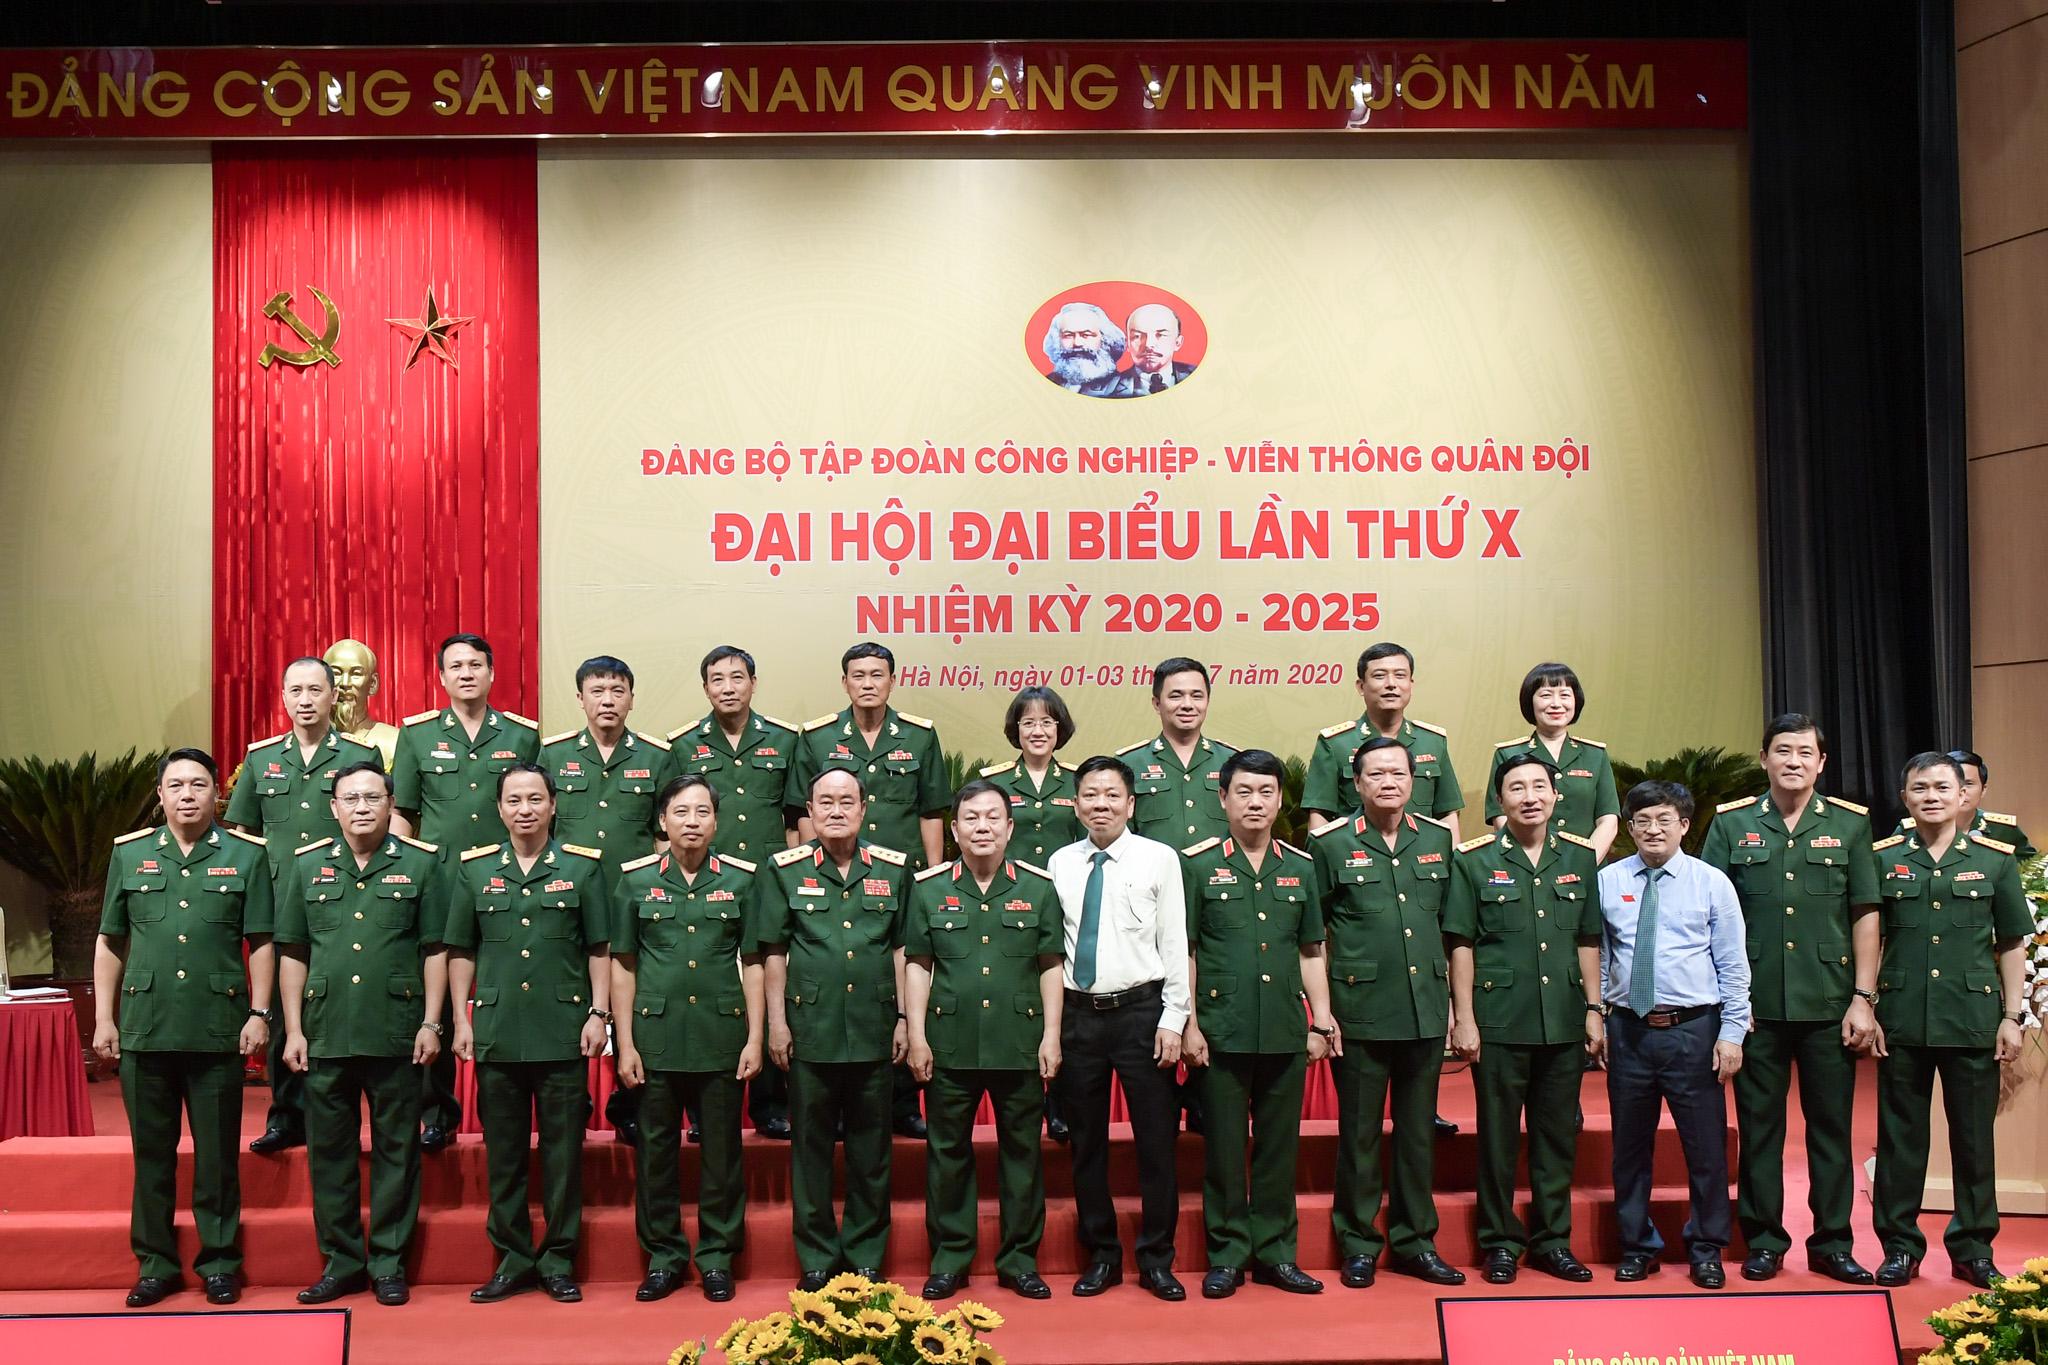 Xây dựng chiến lược phát triển Tập đoàn Công nghiệp - Viễn thông Quân đội